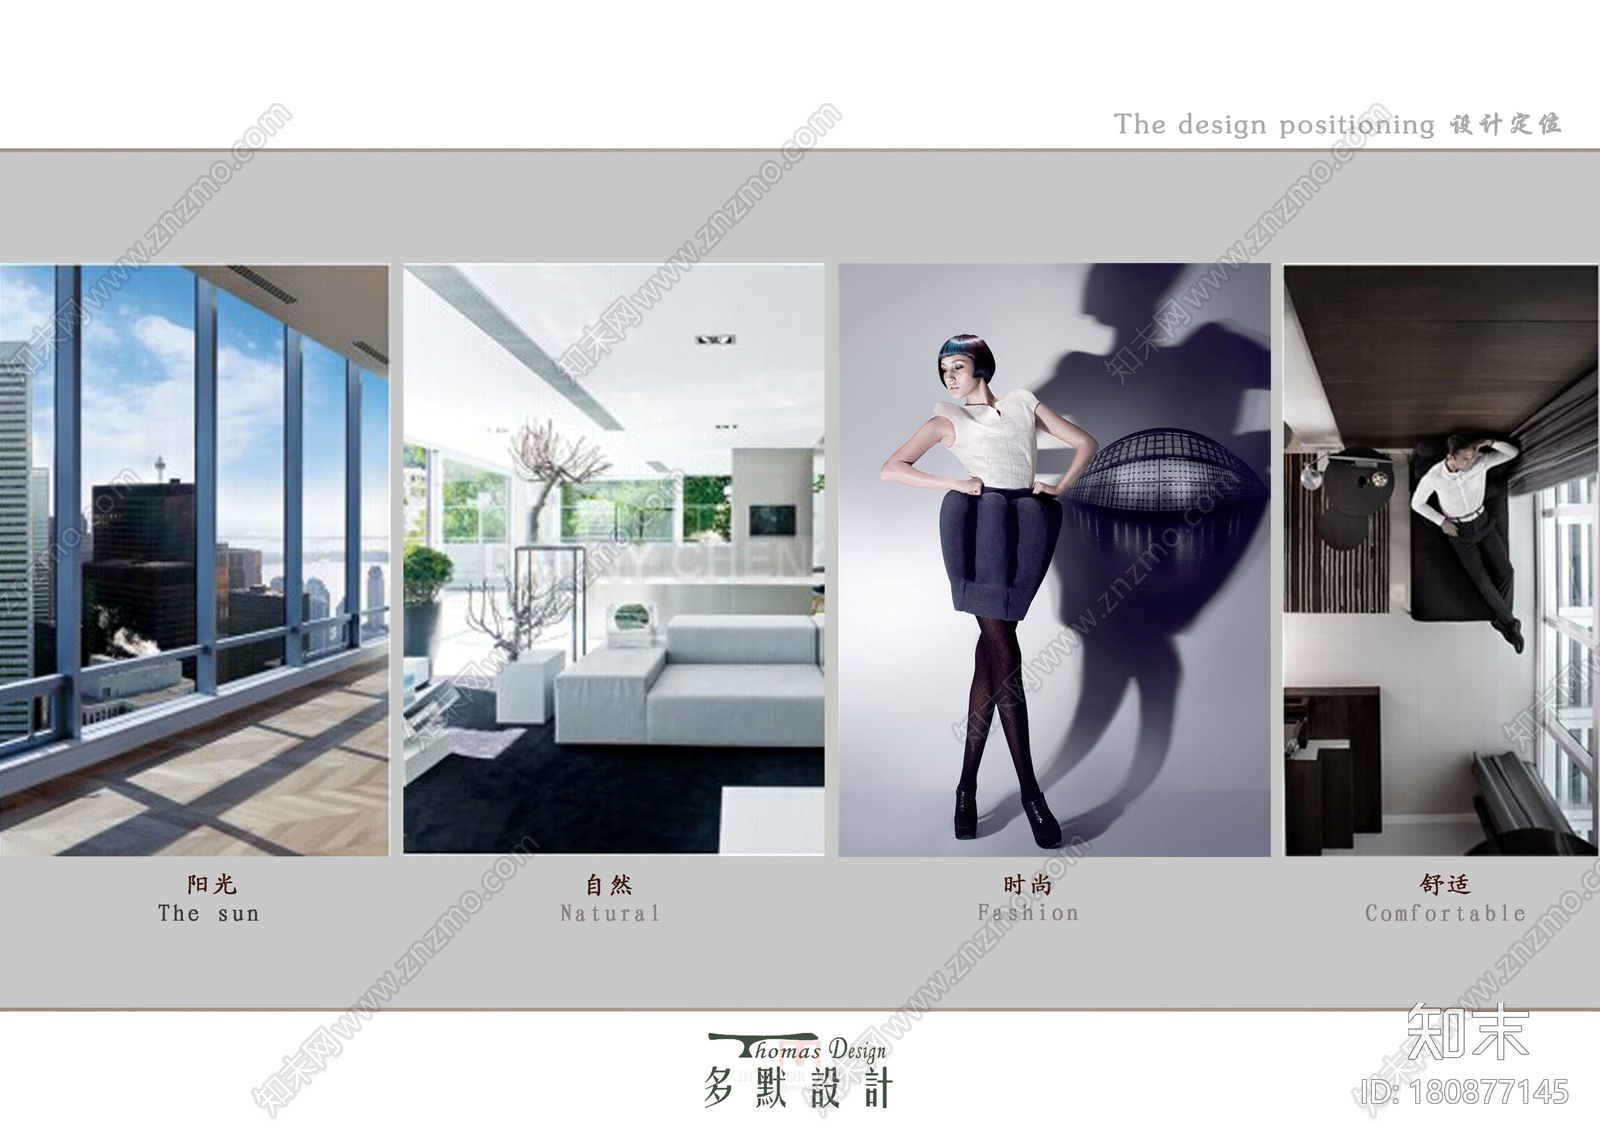 珠海碧水岸二期样板房室内设计深化文本方案文本下载【ID:180877145】